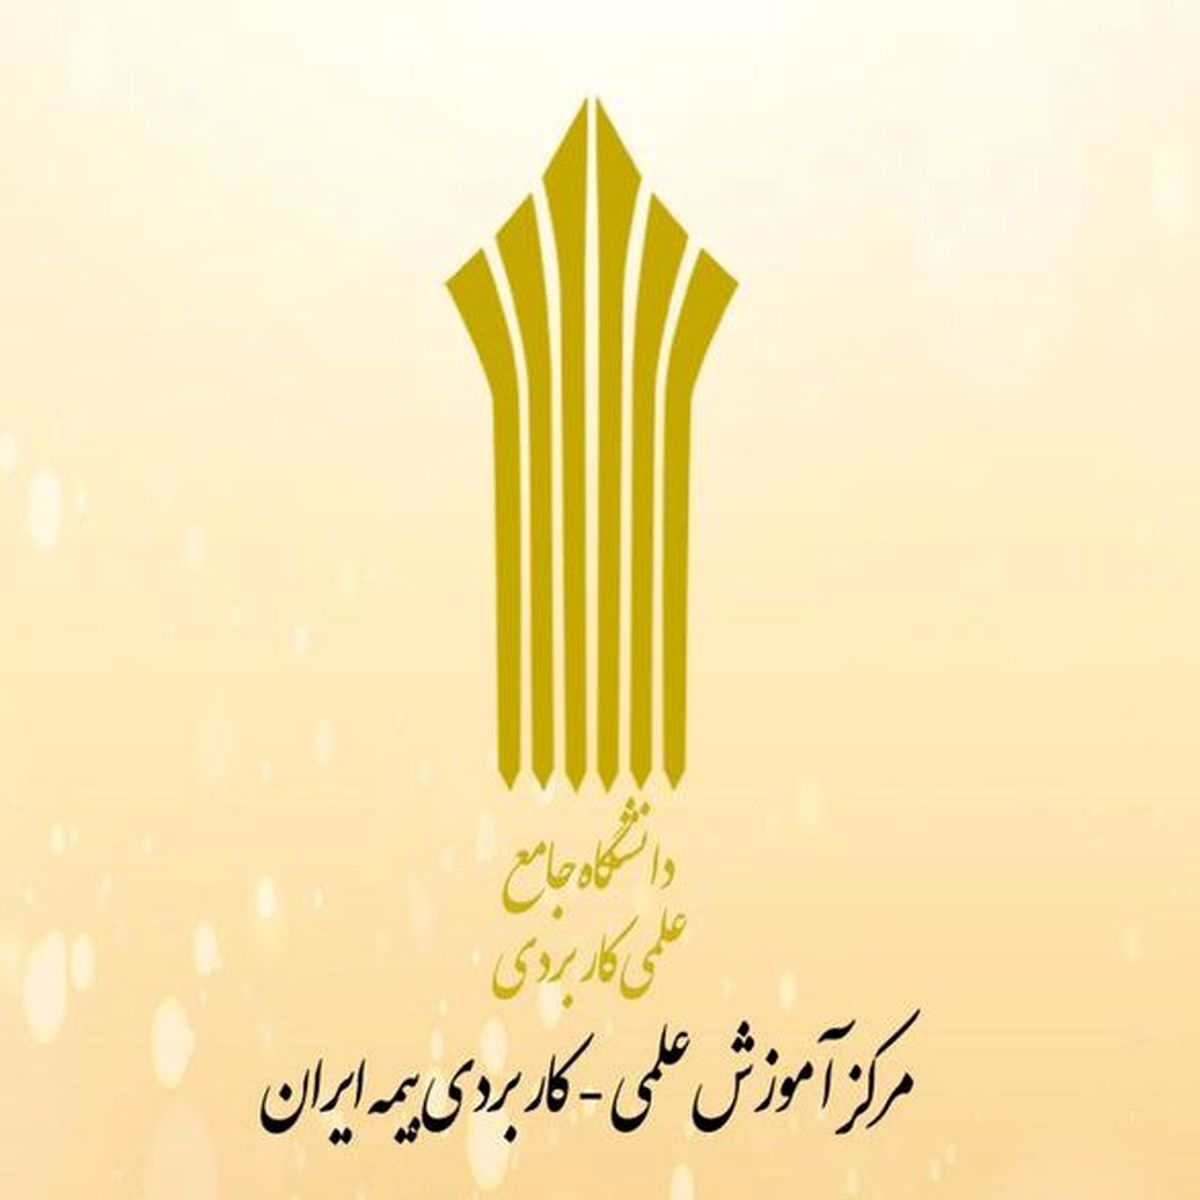 10 شهریور؛ آخرین فرصت پذیرش دانشجو در دوره های کاردانی و کارشناسی مرکز آموزش بیمه ایران